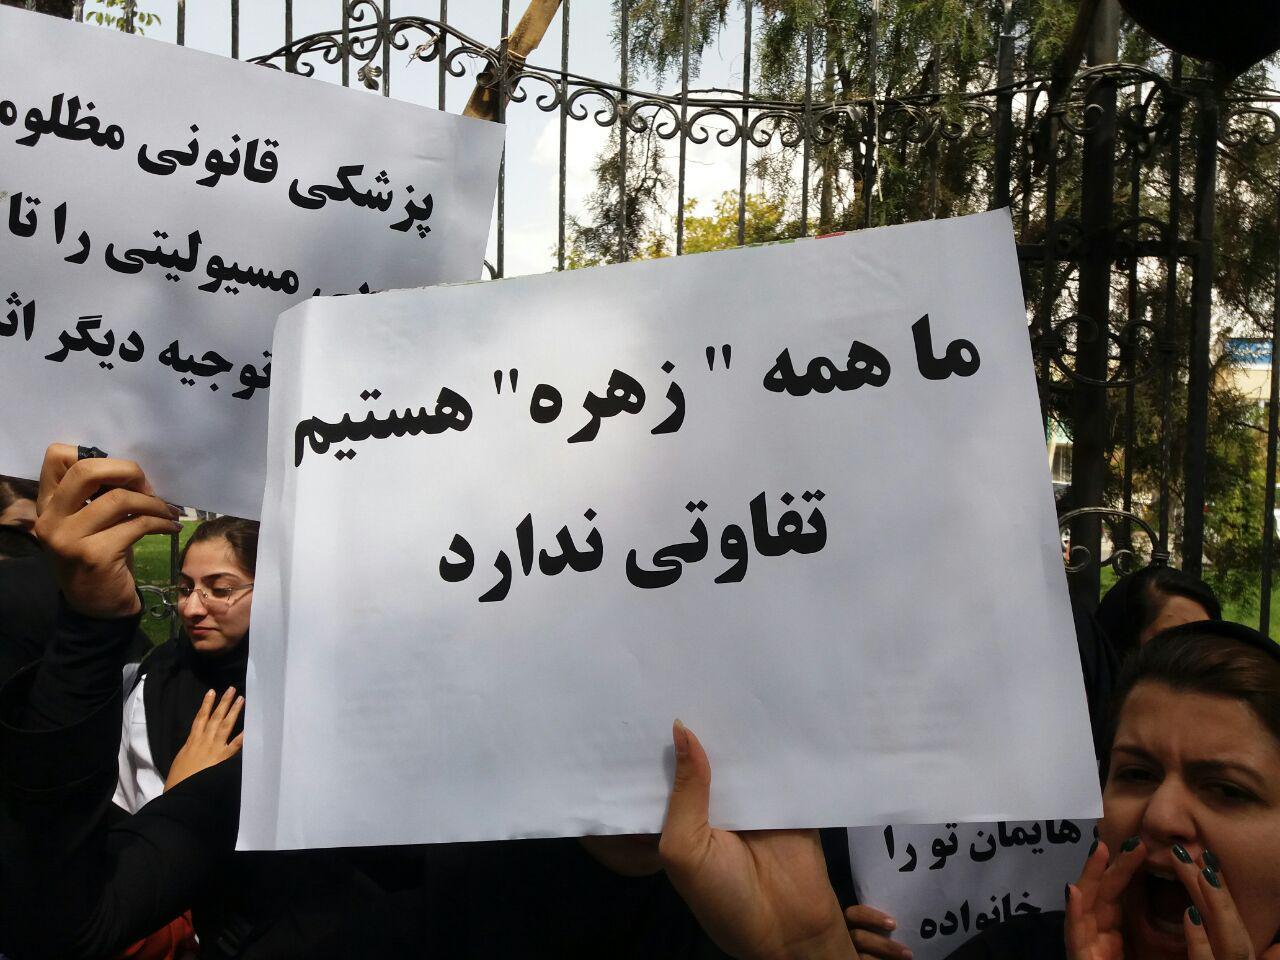 انجمن اسلامی دانشگاه علوم پزشکی شهرکرد بیانیه ای صادر کرد